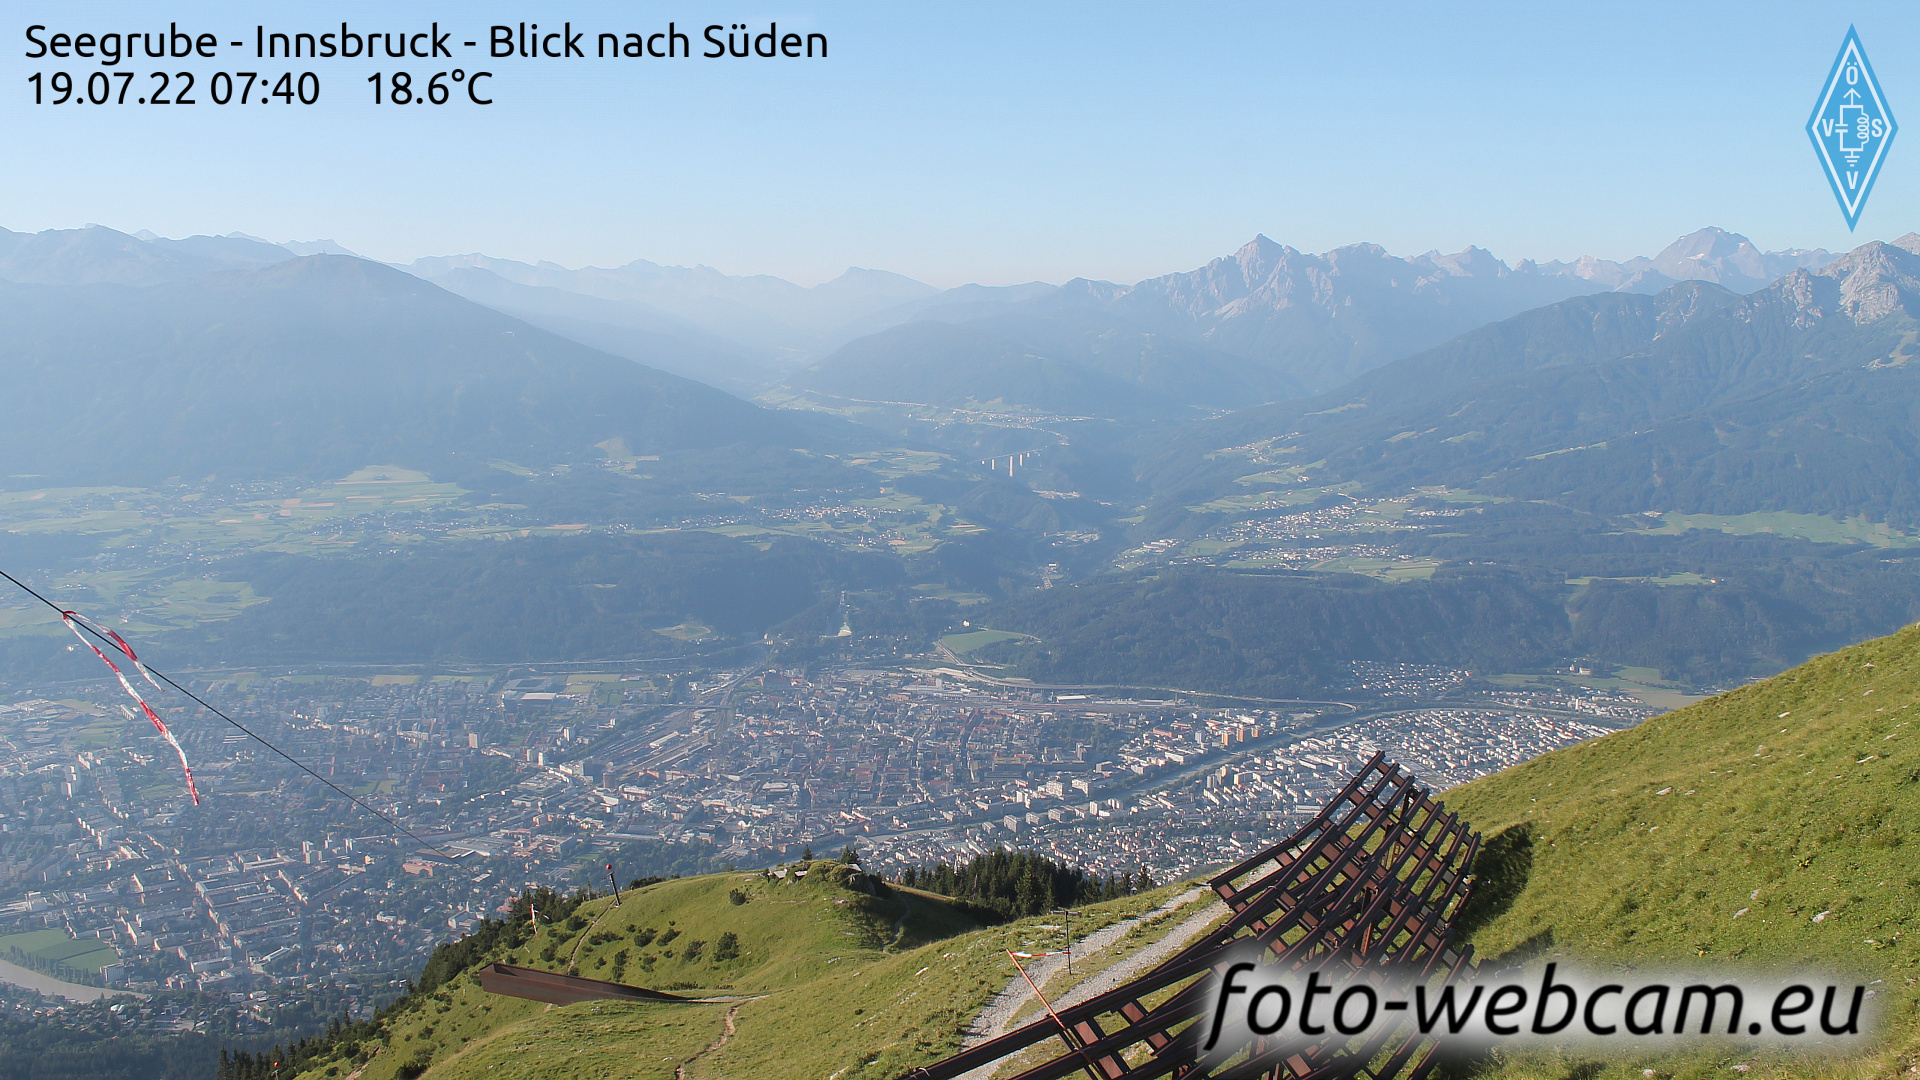 Innsbruck Thu. 07:18